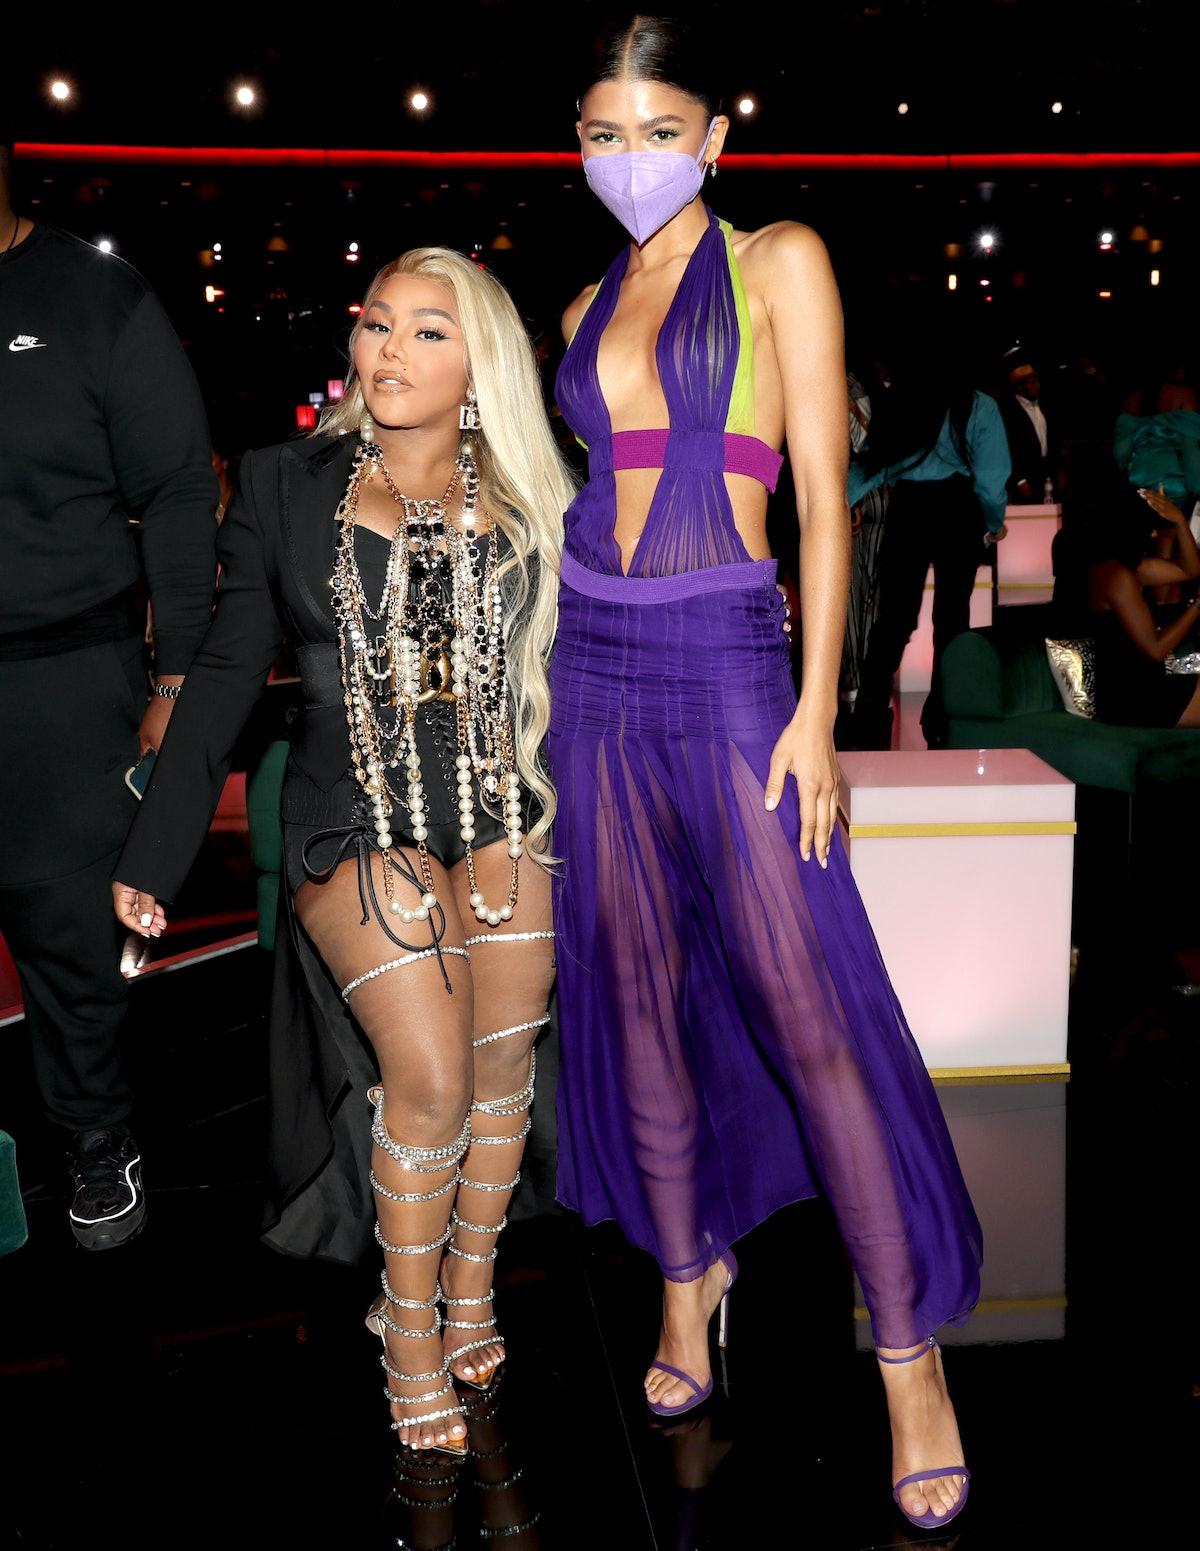 Lil Kim and Zendaya at the 2021 BET Awards